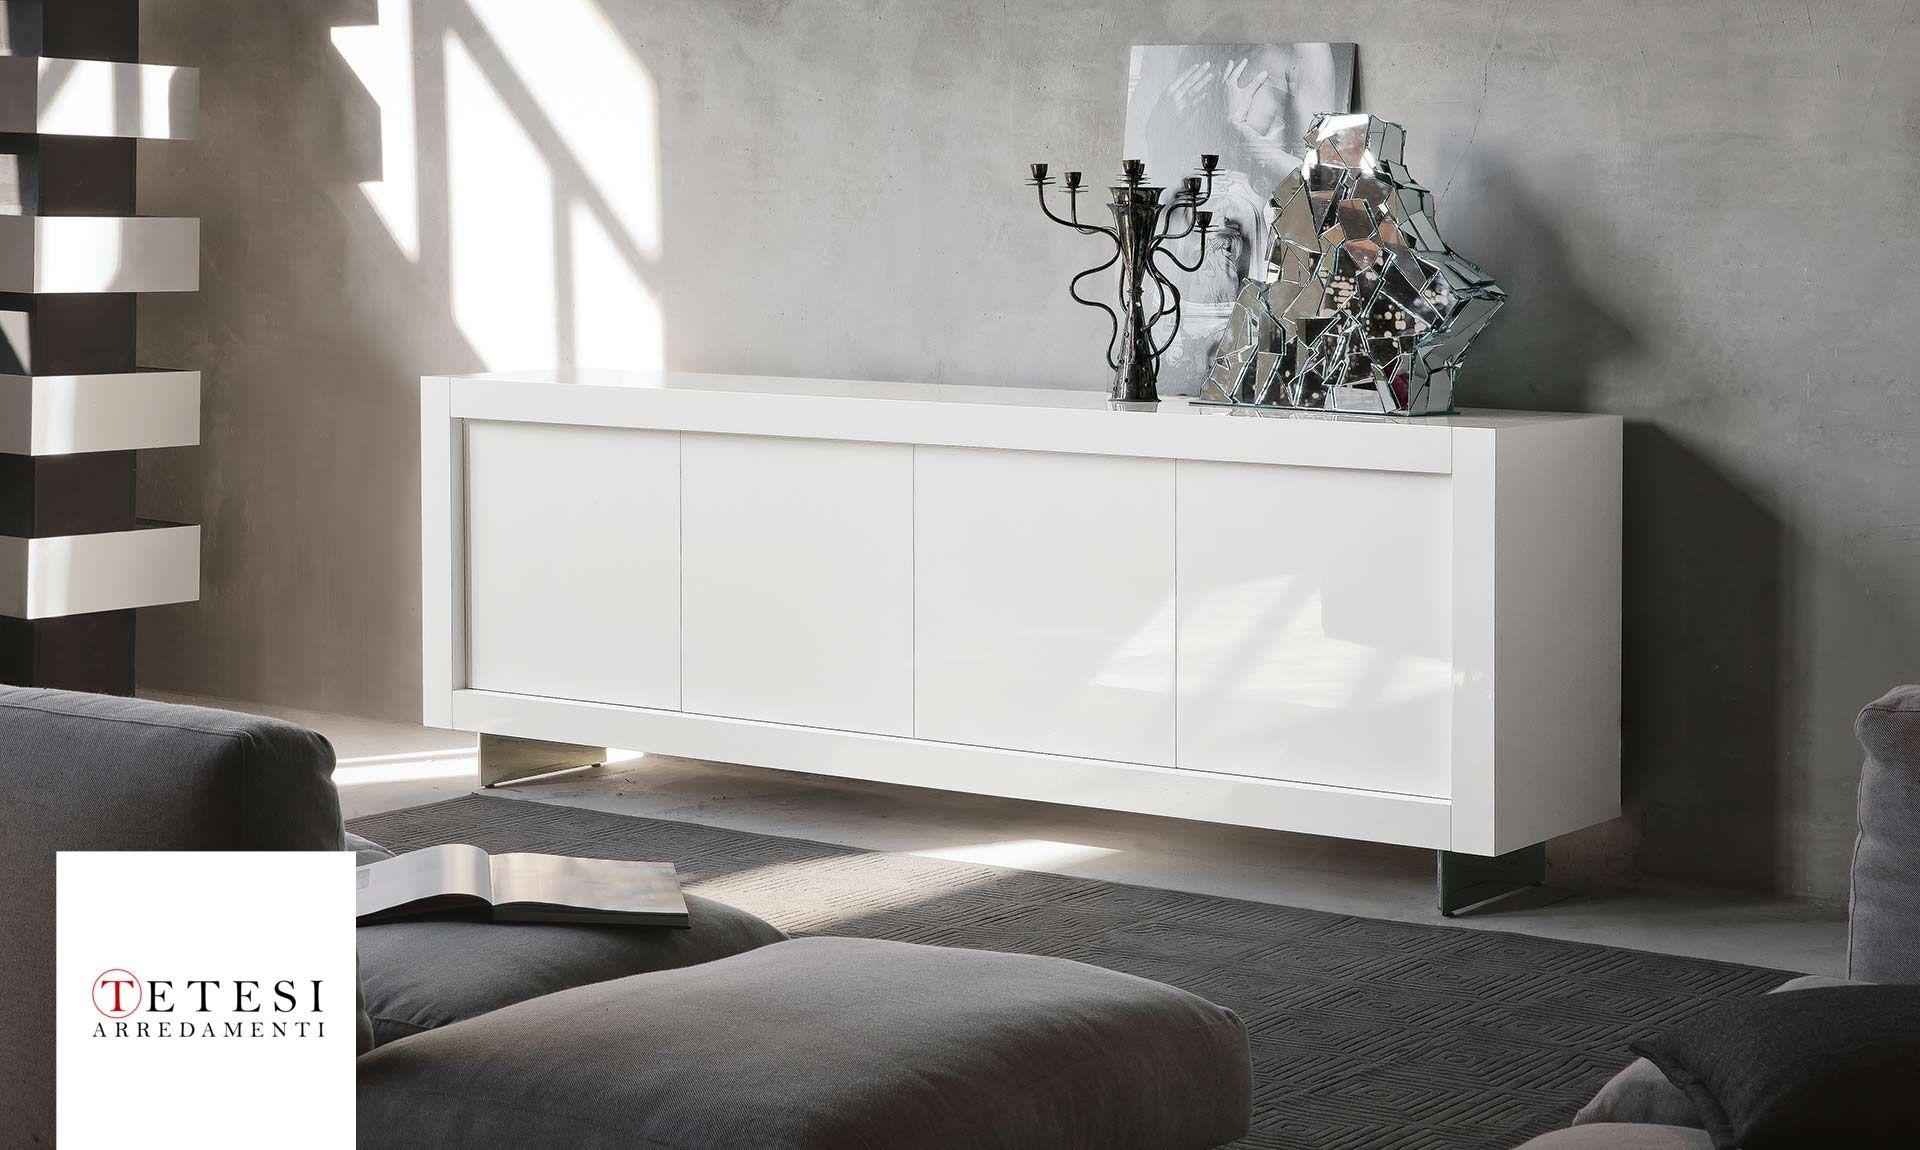 Credenza Moderna Bianca Laccata : Credenza moderna in legno laccato bianca rossa square besana